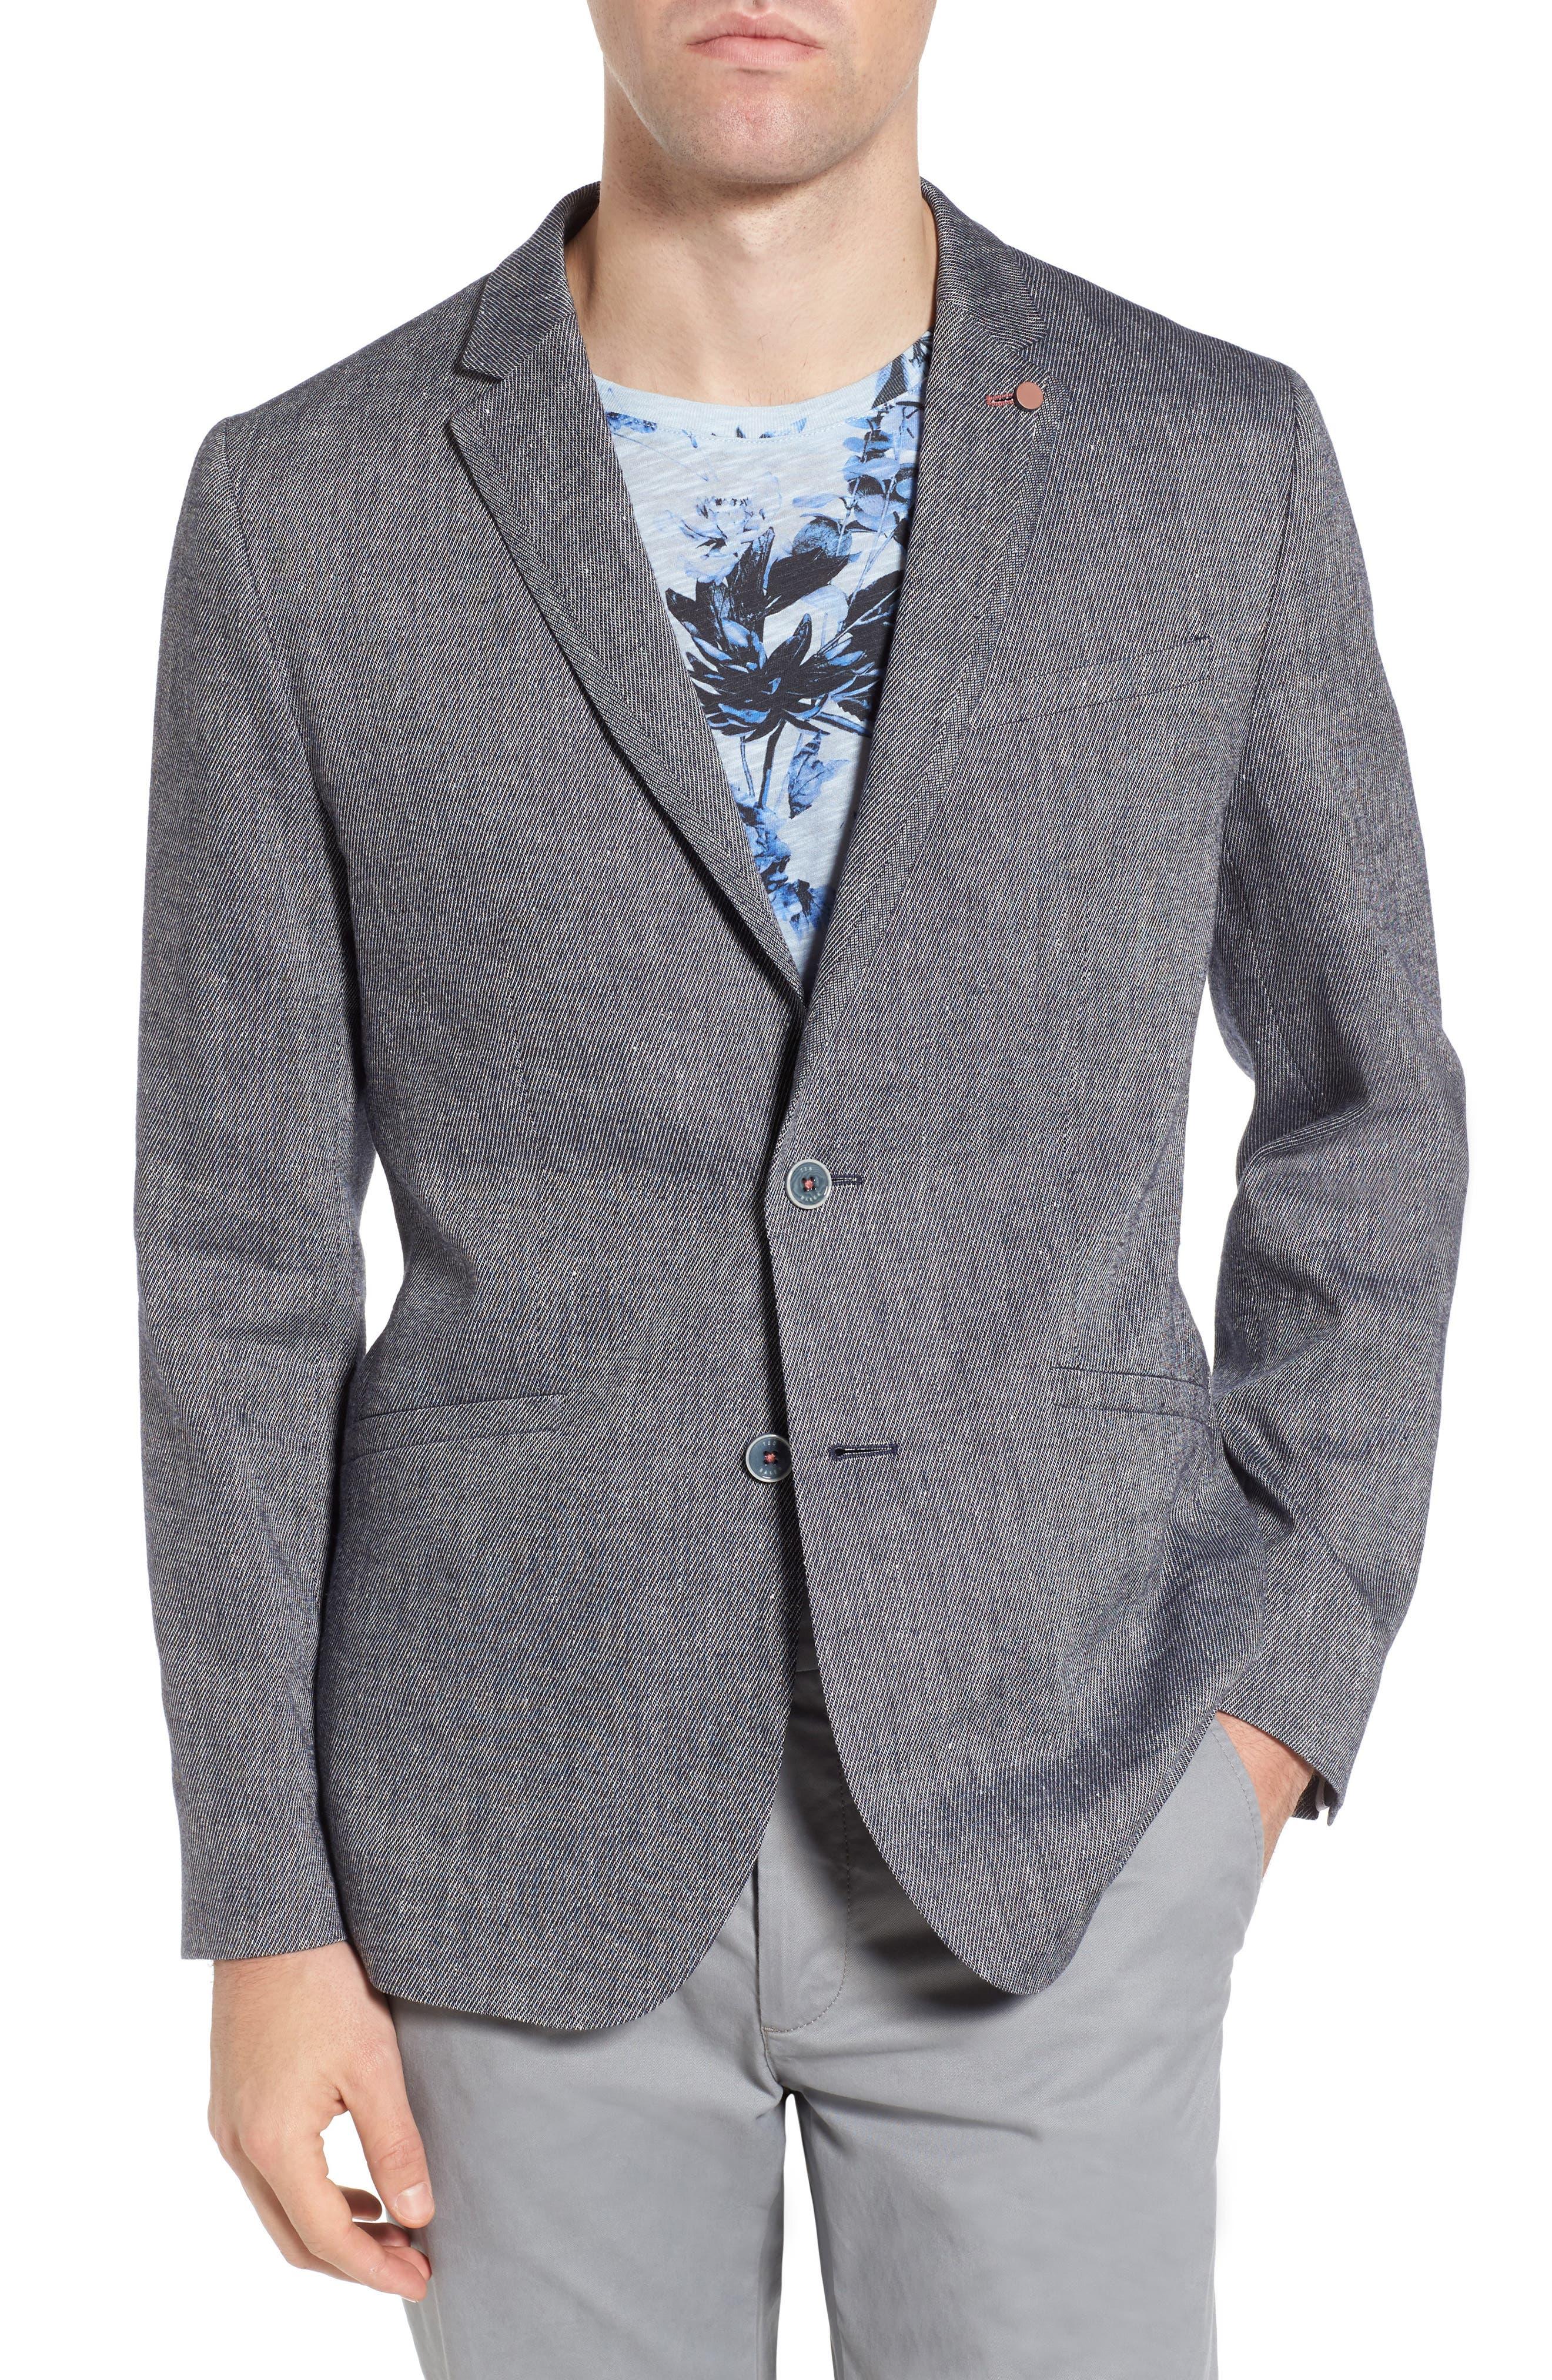 Hines Trim Fit Linen Blend Blazer,                             Main thumbnail 1, color,                             BLUE